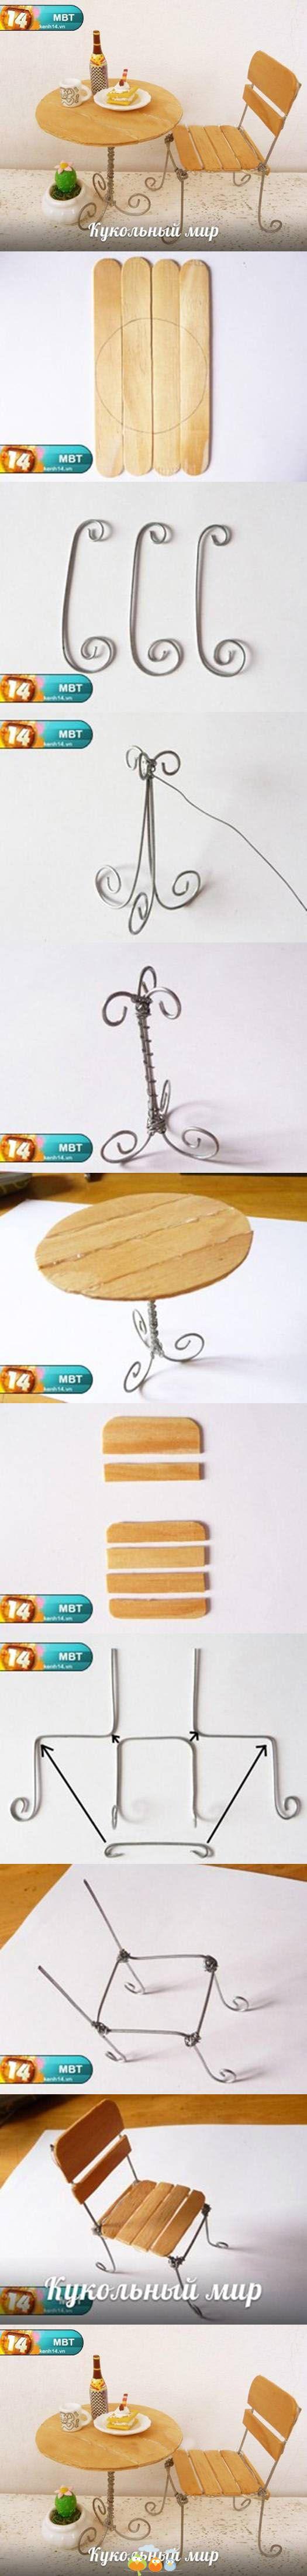 mesa e cadeira feitos com palito de picolé e arame